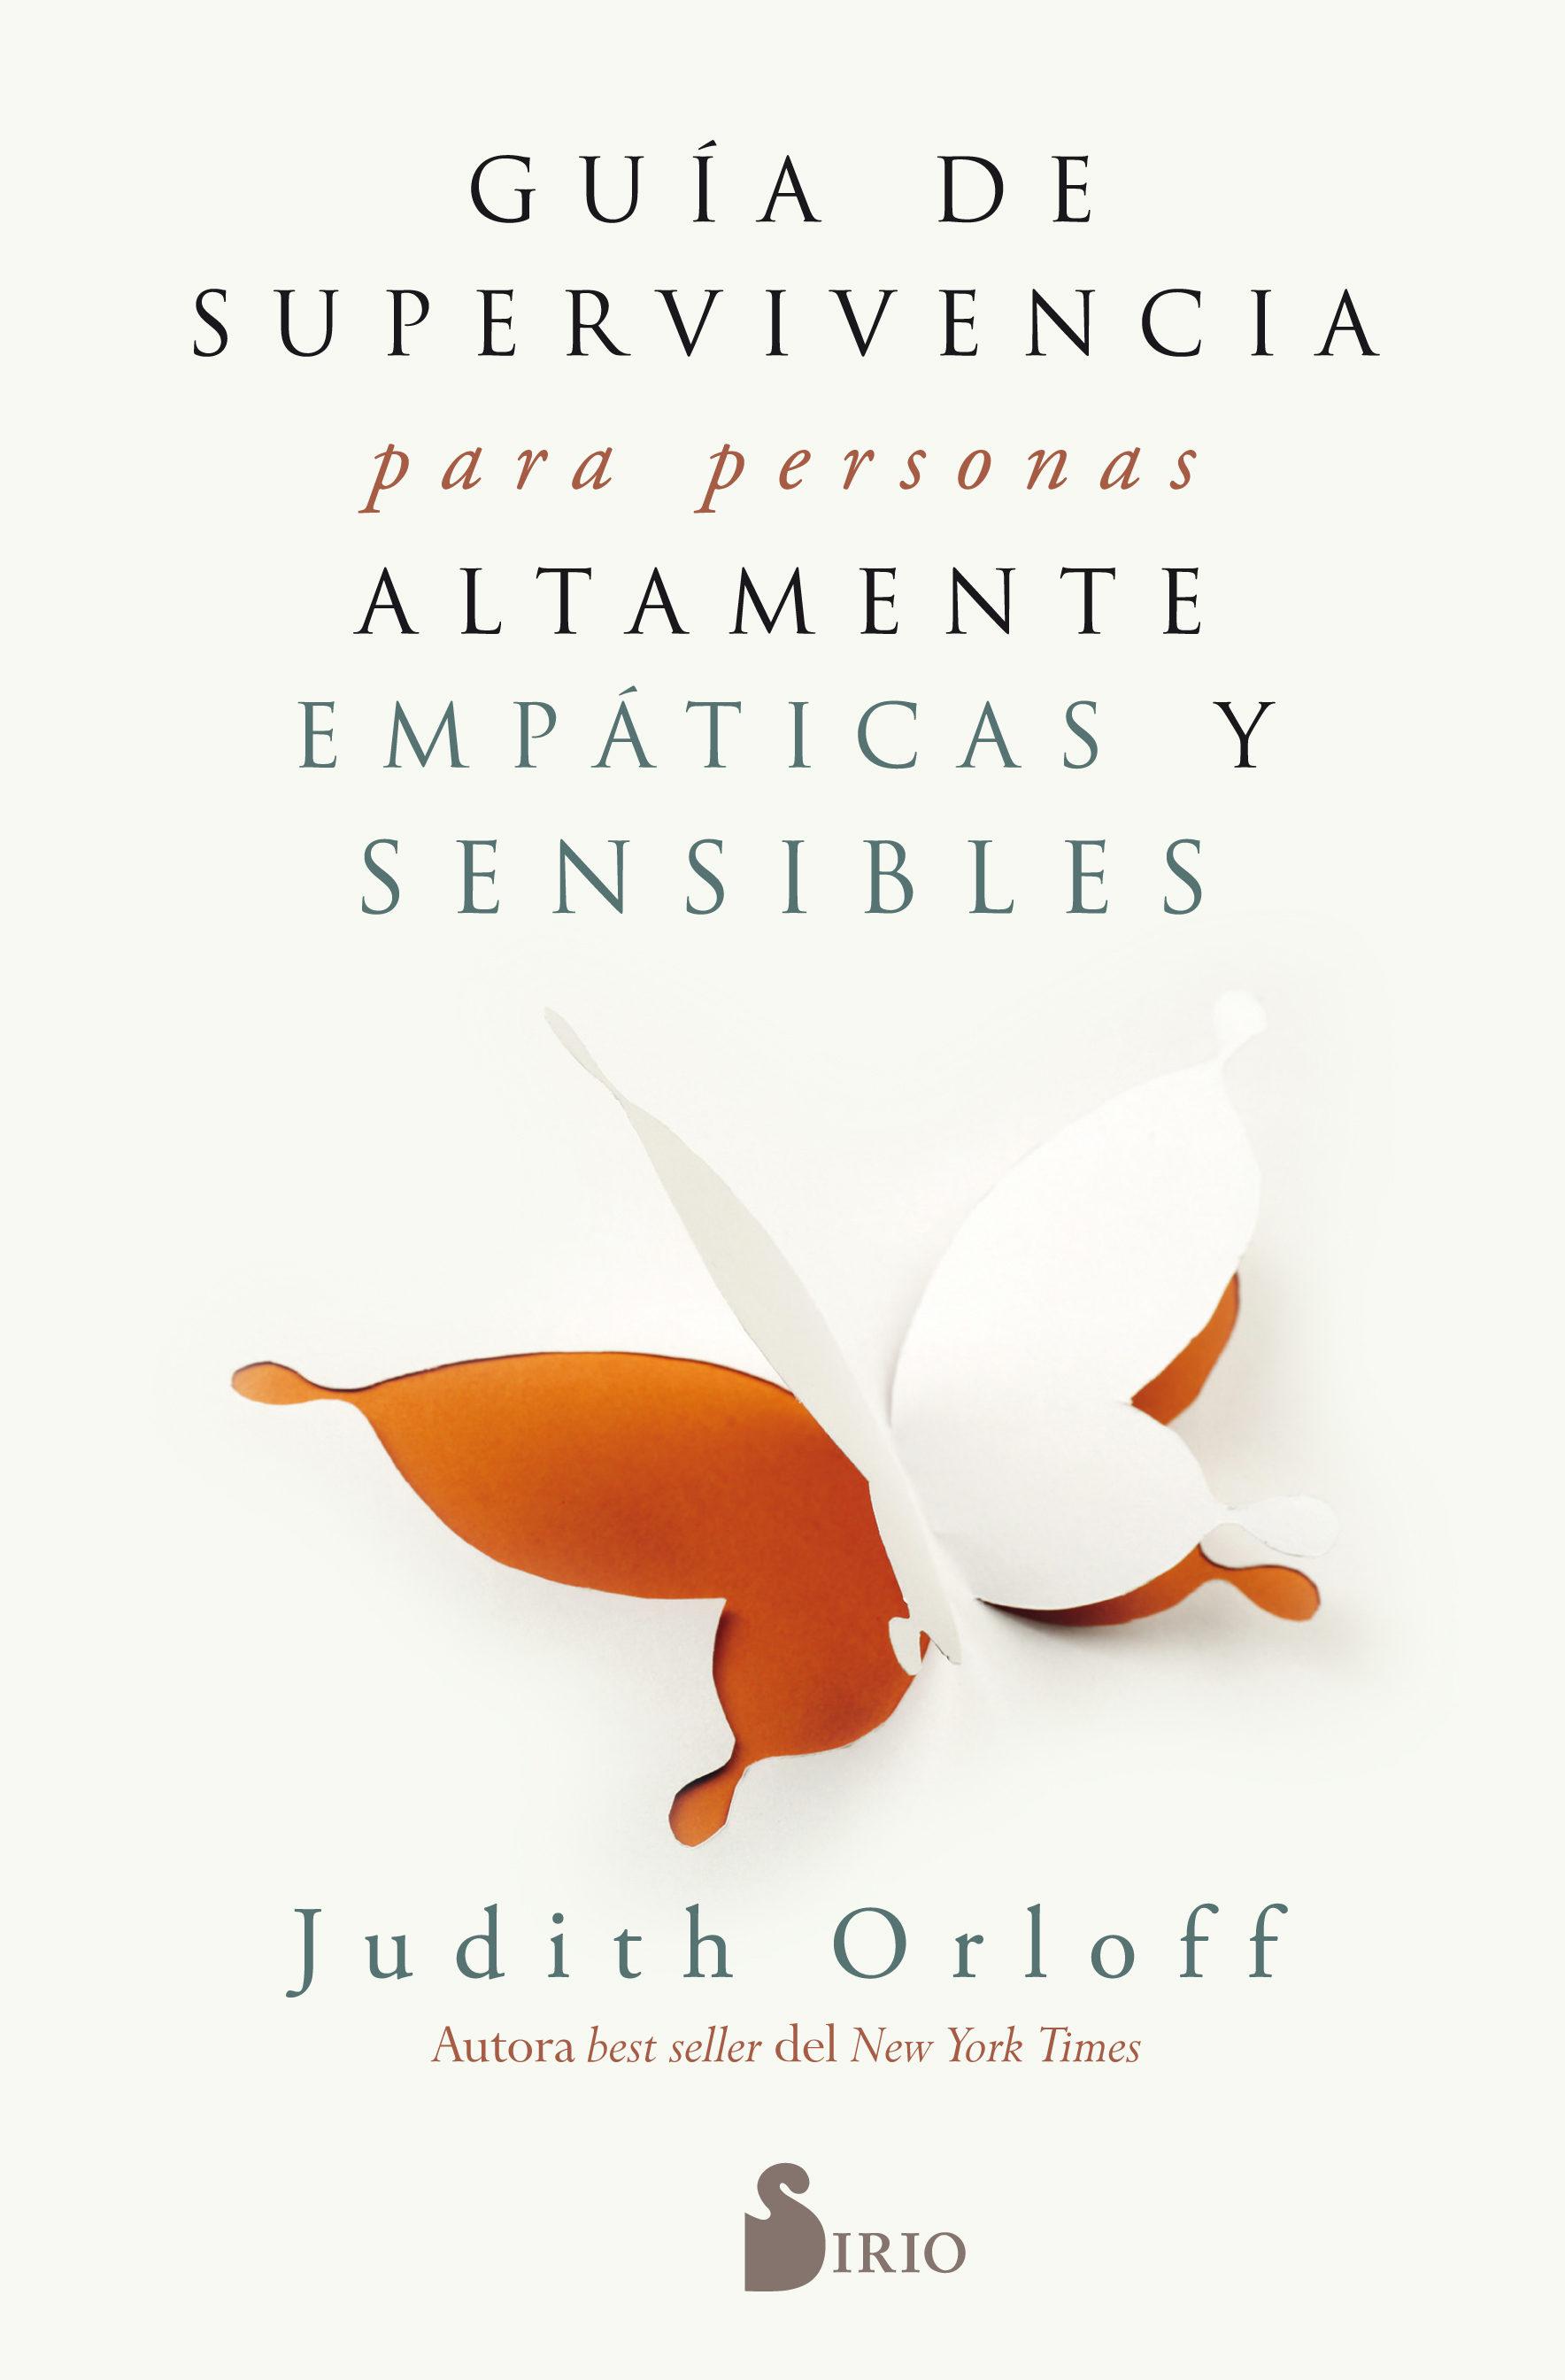 Guia De Supervivencia Para Personas Altamente Empaticas Y Sensibles - Judith Orloff - Sirio